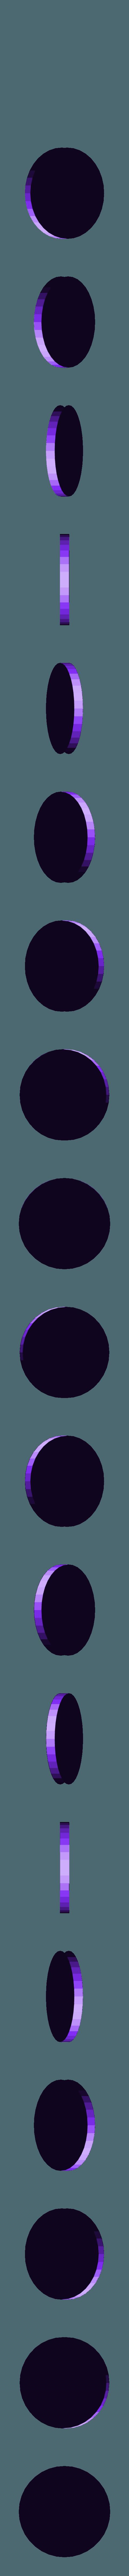 kickbasee.stl Télécharger fichier STL gratuit 150 - Mewtwo - Mega Mewtwo X • Plan pour impression 3D, vongoladecimo